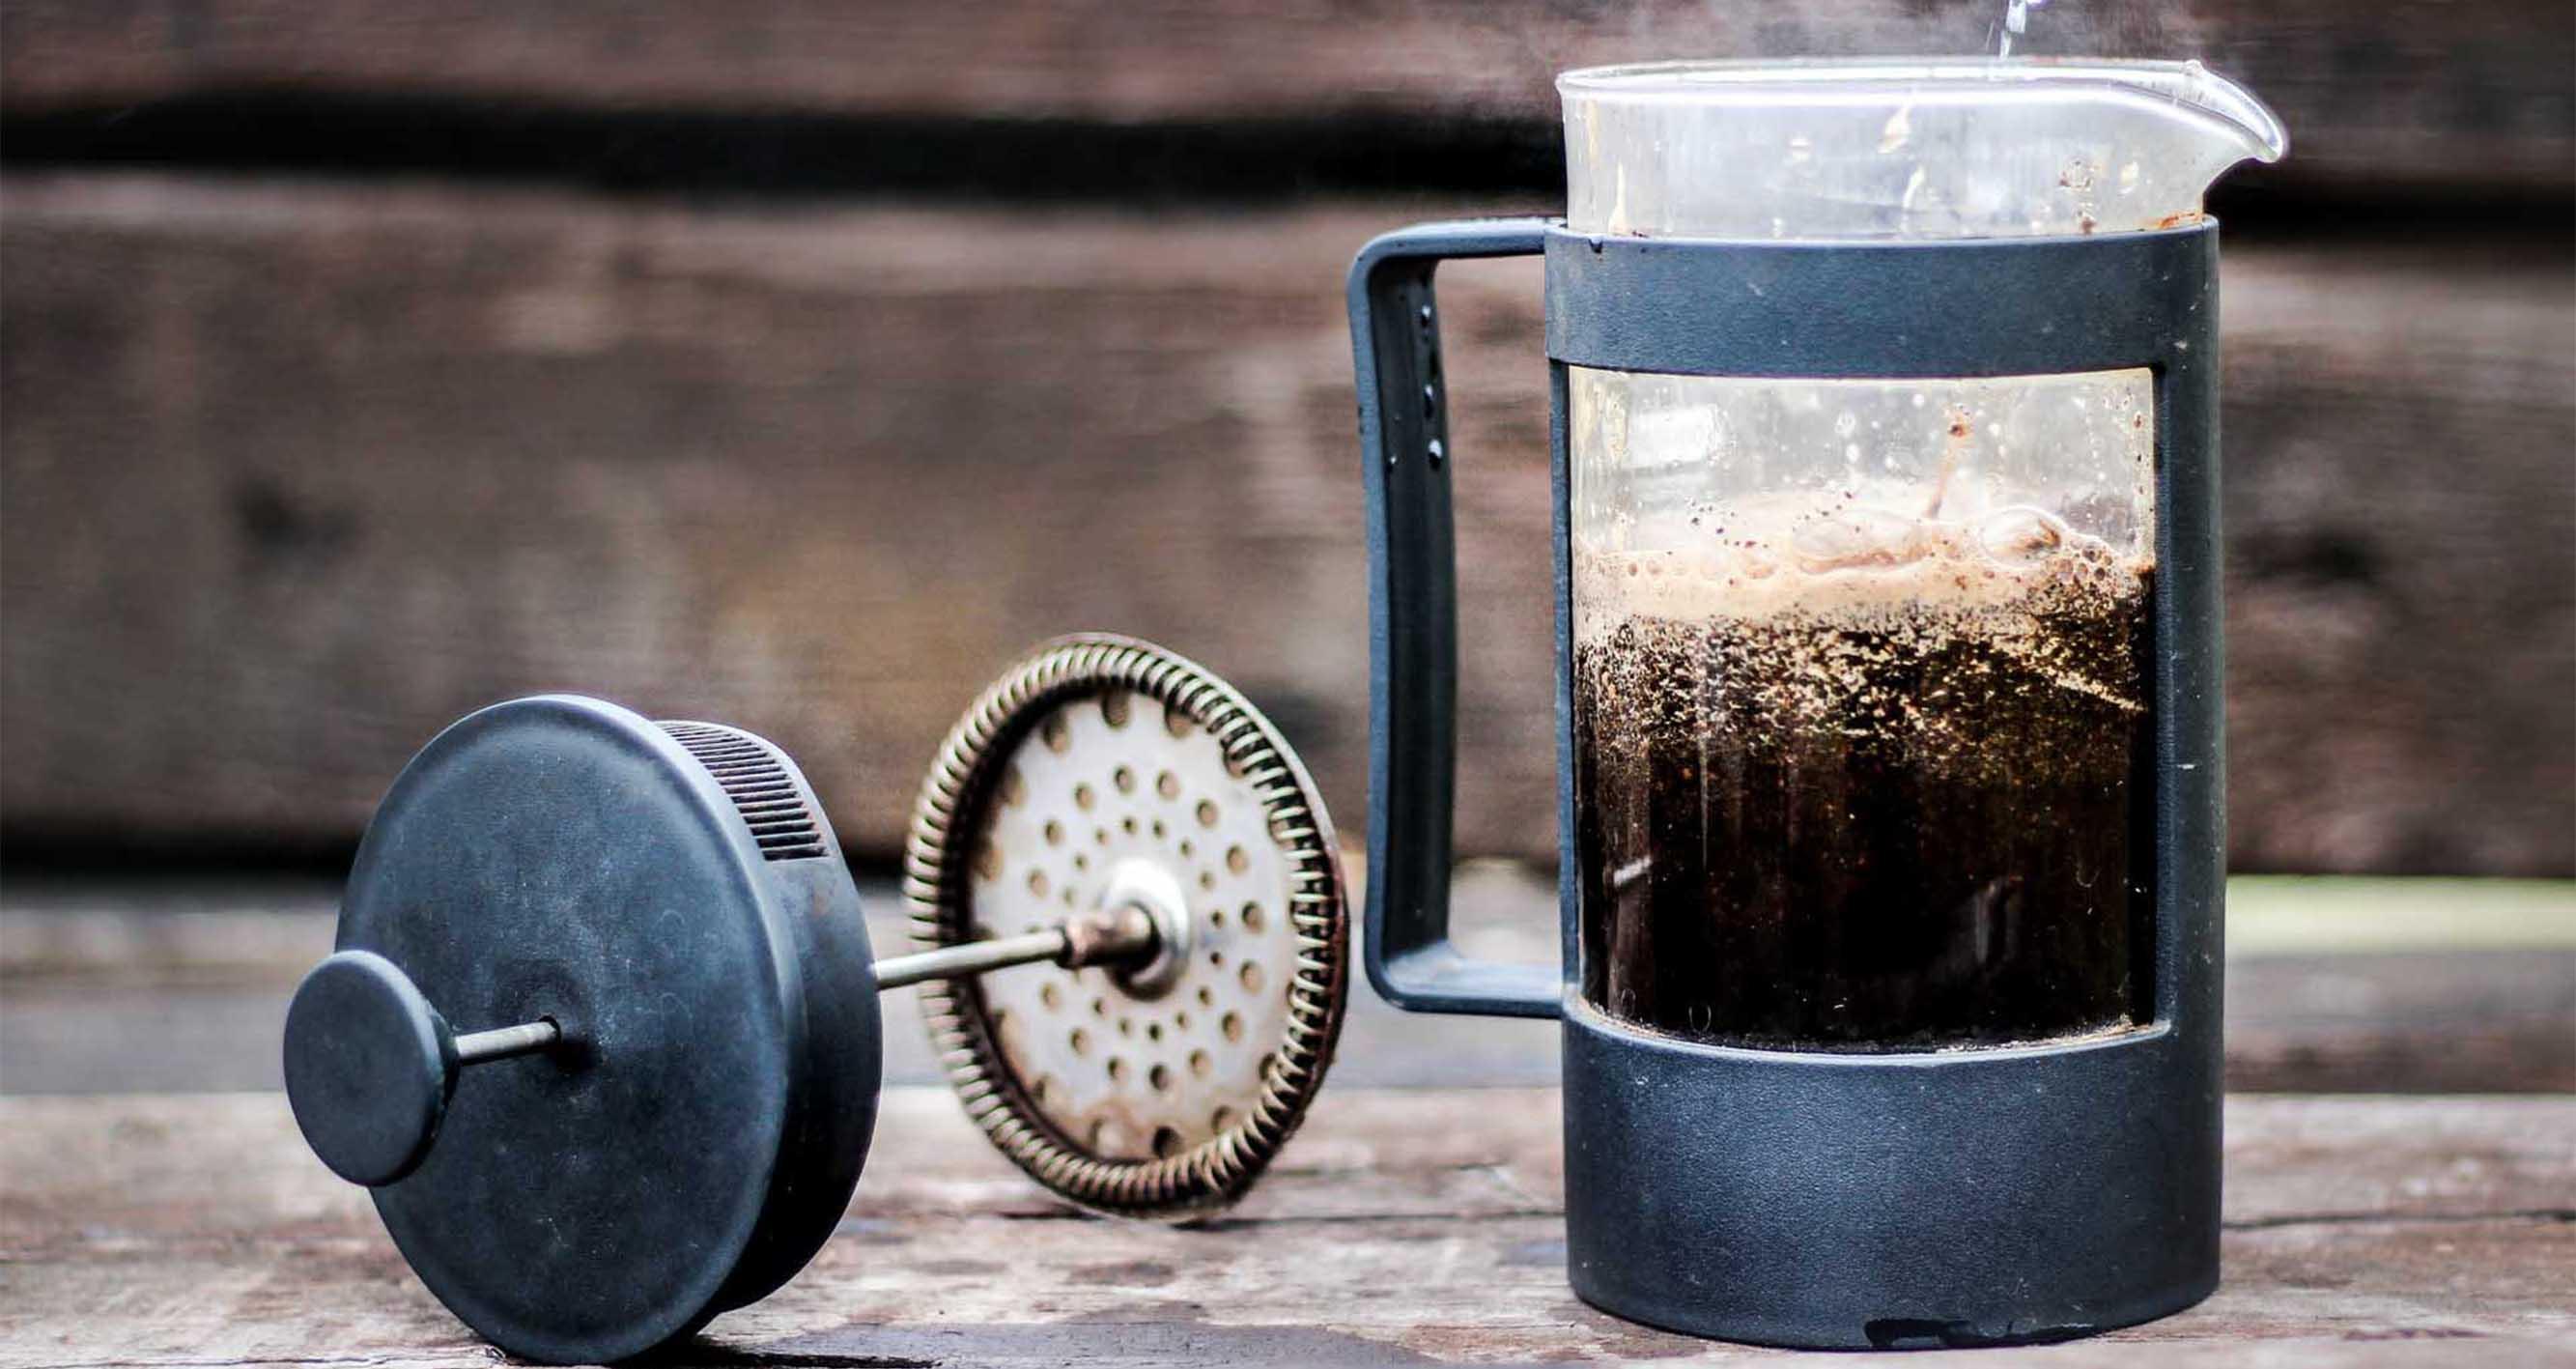 French press příprava kávy - Jednoduchá, rychlá a výborná arabika